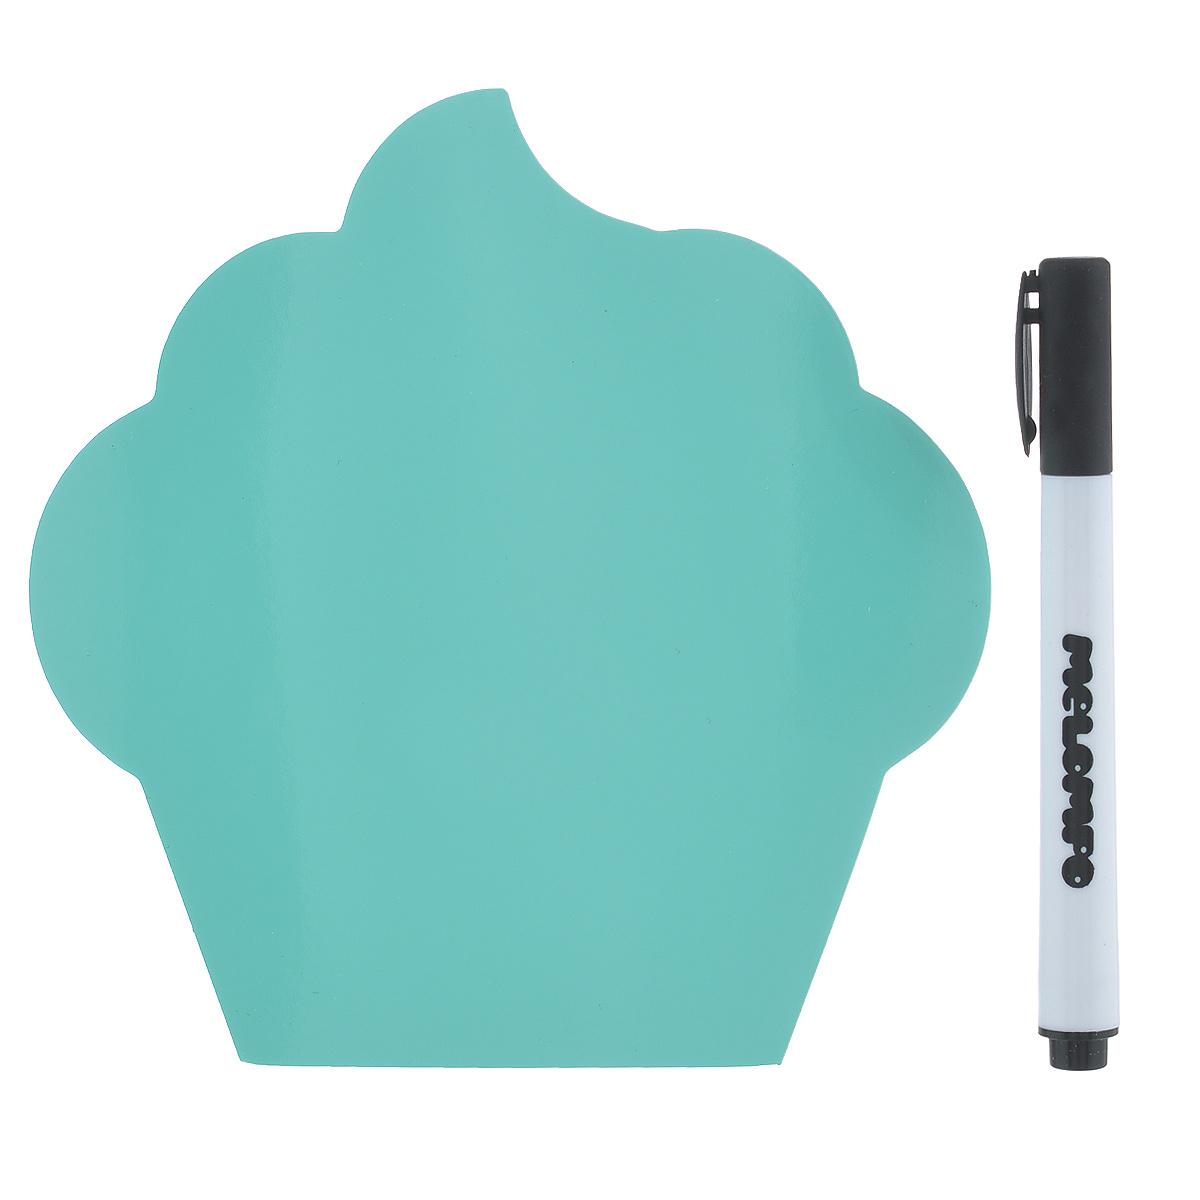 Памятка маркерная Melompo Кекс, 12 см х 12 см2010440Магнитная доска на холодильник Melompo Кекс - оригинальная вещь для ежедневных посланий родным и близким. Доска выполнена в виде кекса.В комплект входят:Памятка - легко примагничивается и просто снимается.Маркер - прекрасно пишет и также хорошо стирается.Держатель - позволит примагнитить памятку к неметаллической поверхности.